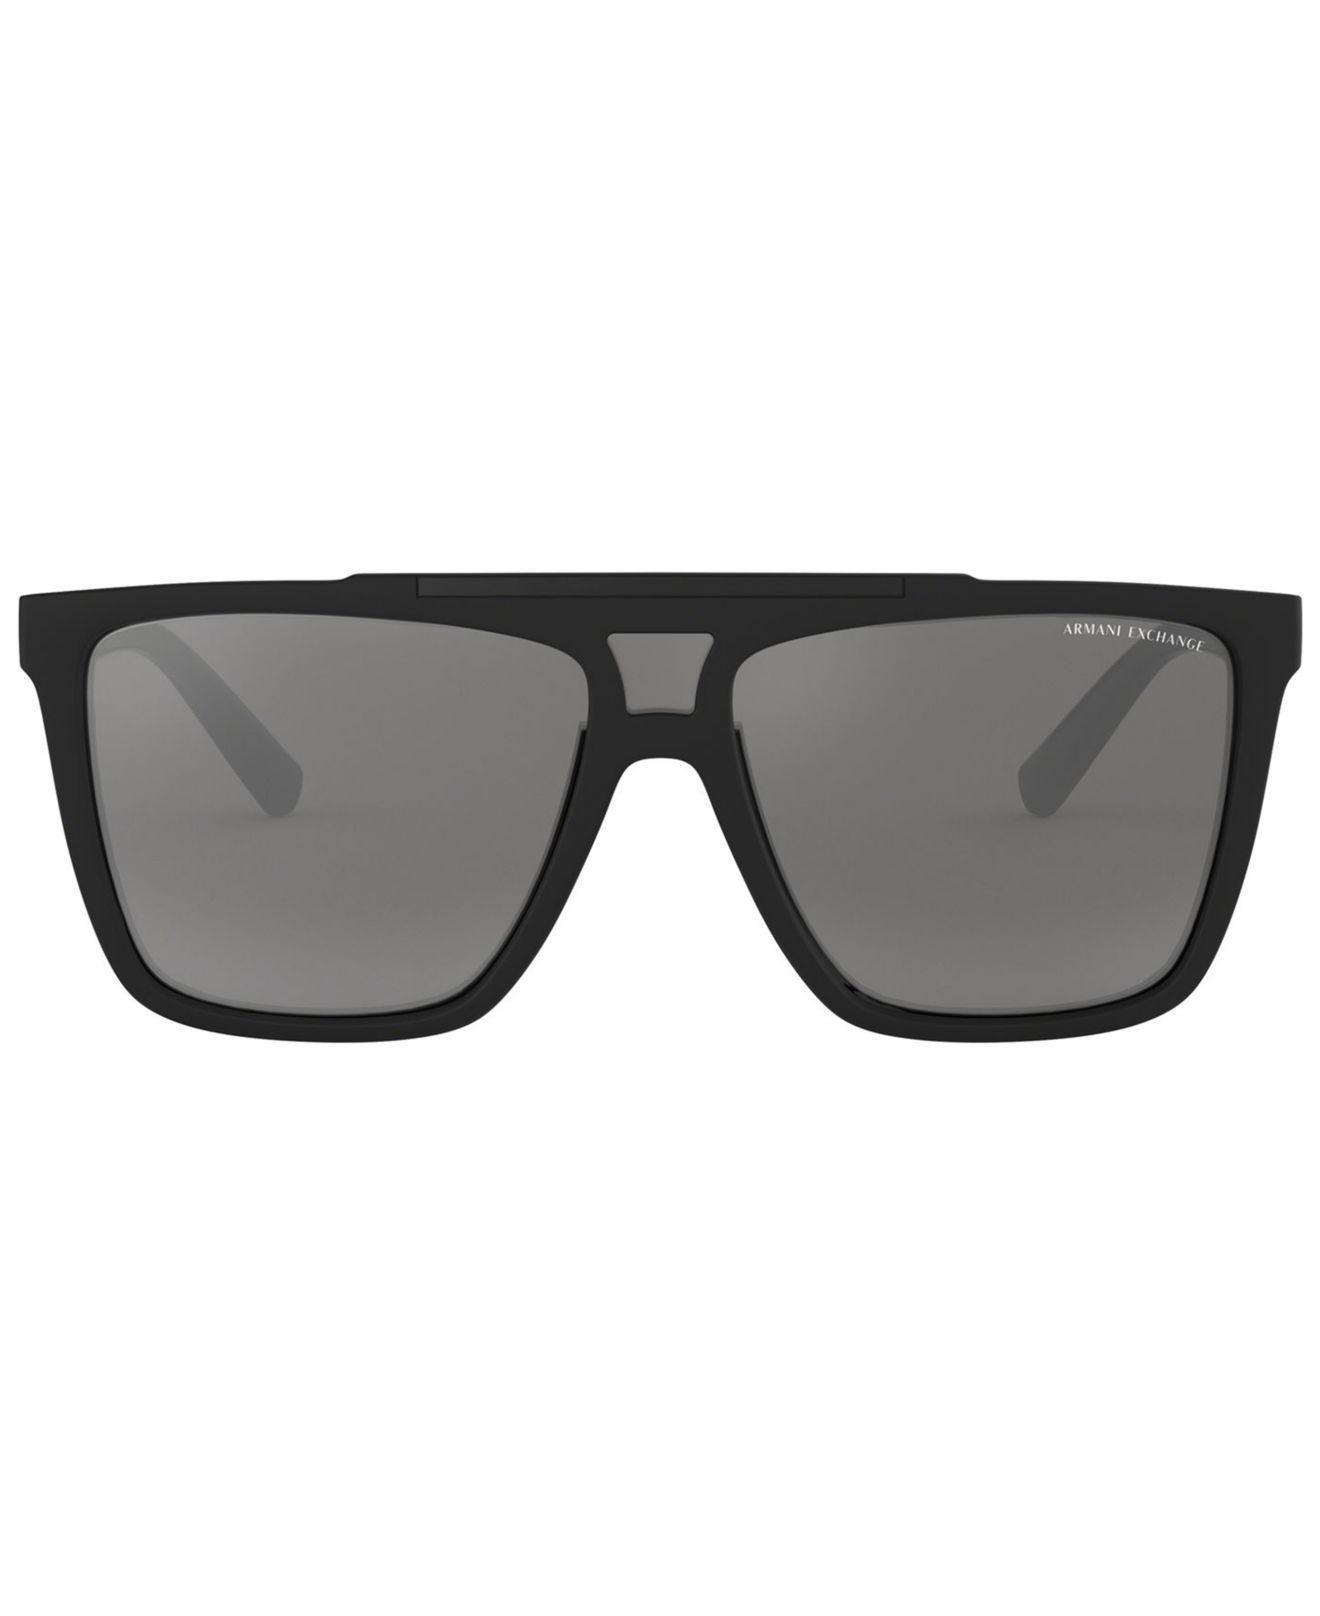 73a8fc581b0c Lyst - Armani Exchange Sunglasses